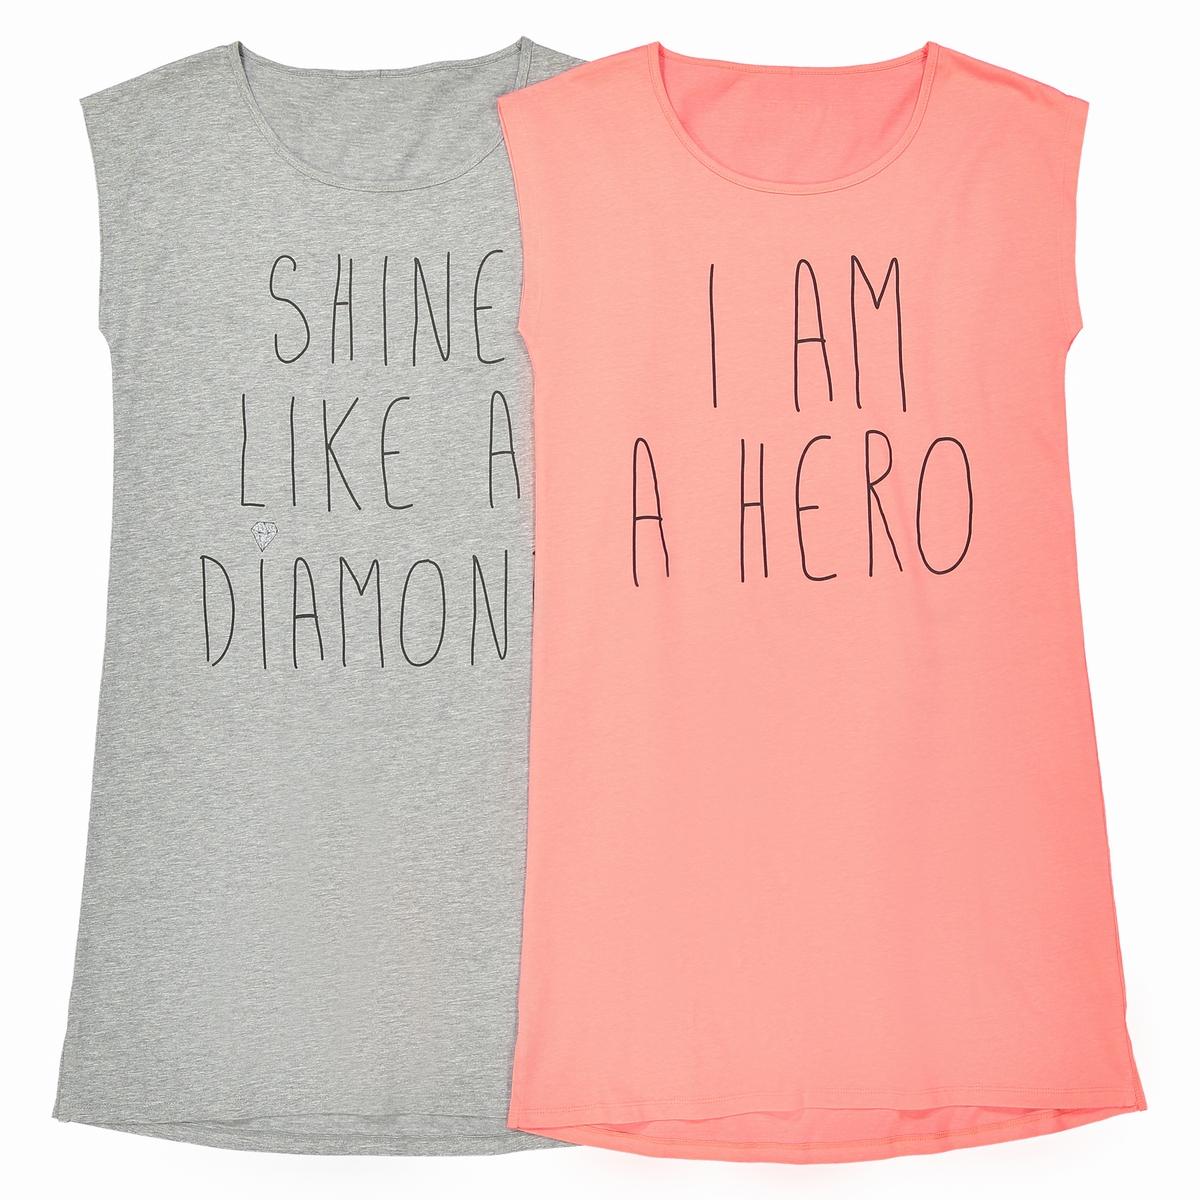 2 ночные сорочкиОписание:2 рубашки ночные. Невероятно удобные.. Большая текстовая надпись на каждой : SHINE LIKE A DIAMOND и I AM A HERO, со вставкой из пайеток .Детали •  Комплект из 2 штук 2 цветов . •  Текстовая надпись спереди . •  Короткие ниспадающие рукава . •  Вырез-лодочка. •  Верх : 87 см .Состав и уход •  Материал : 100% хлопок. •  Стирать при температуре 30° в деликатном режиме. •  Стирать с вещами схожих цветов. •  Стирать и гладить с изнаночной стороны. •  Гладить при низкой температуре.<br><br>Цвет: серый + розовый<br>Размер: 54/56 (FR) - 60/62 (RUS).50/52 (FR) - 56/58 (RUS).46/48 (FR) - 52/54 (RUS).42/44 (FR) - 48/50 (RUS).34/36 (FR) - 40/42 (RUS).38/40 (FR) - 44/46 (RUS)